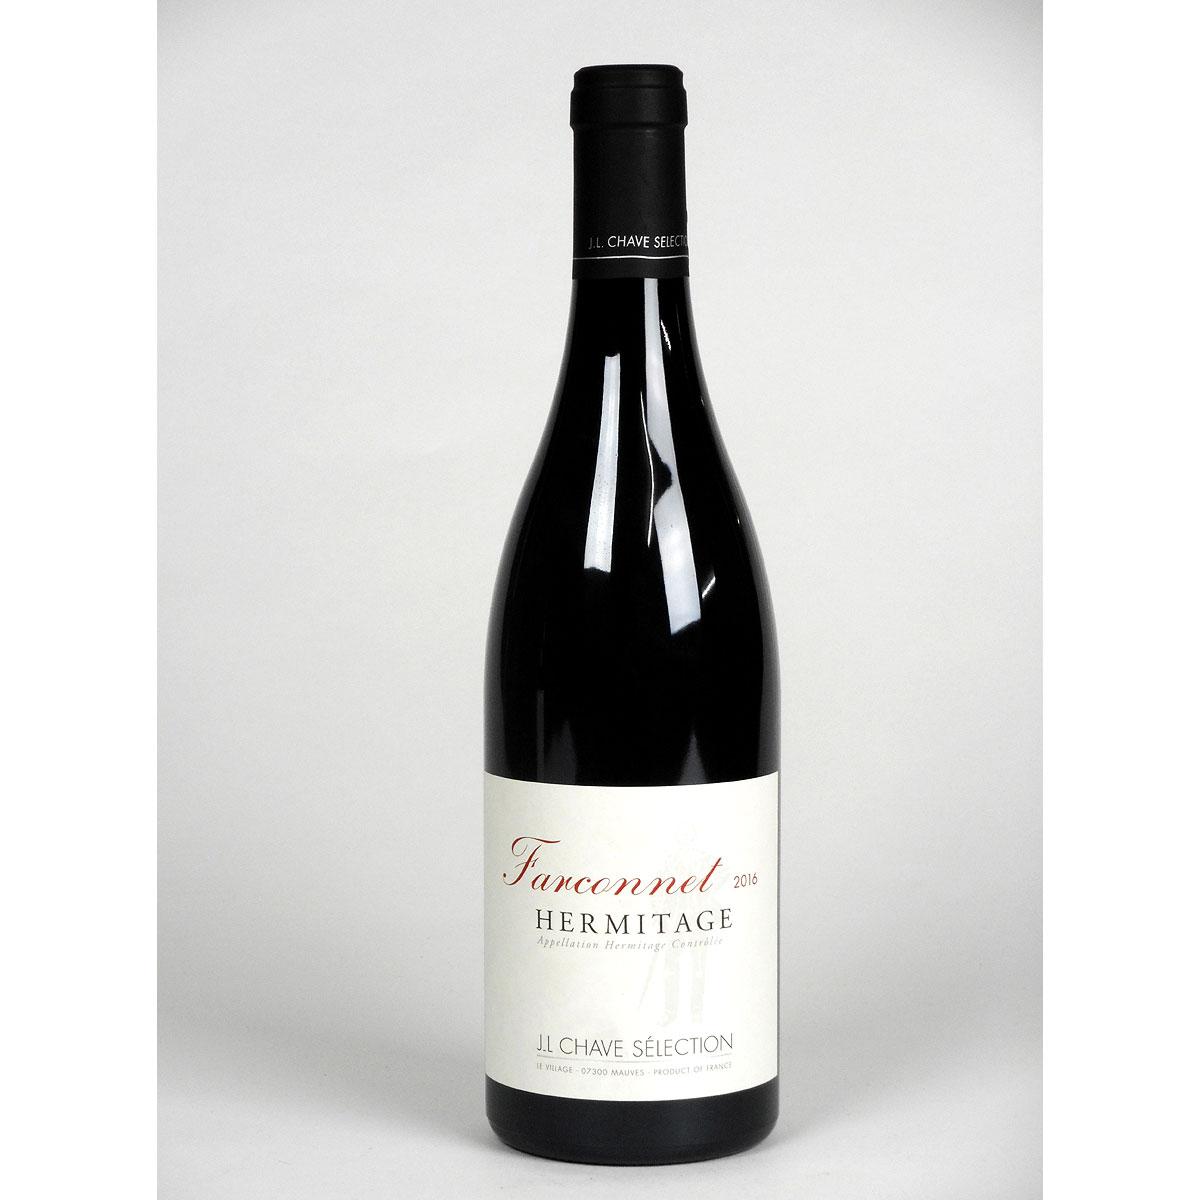 Hermitage: Jean-Louis Chave Sélection 'Farconnet' Rouge 2016 - Bottle